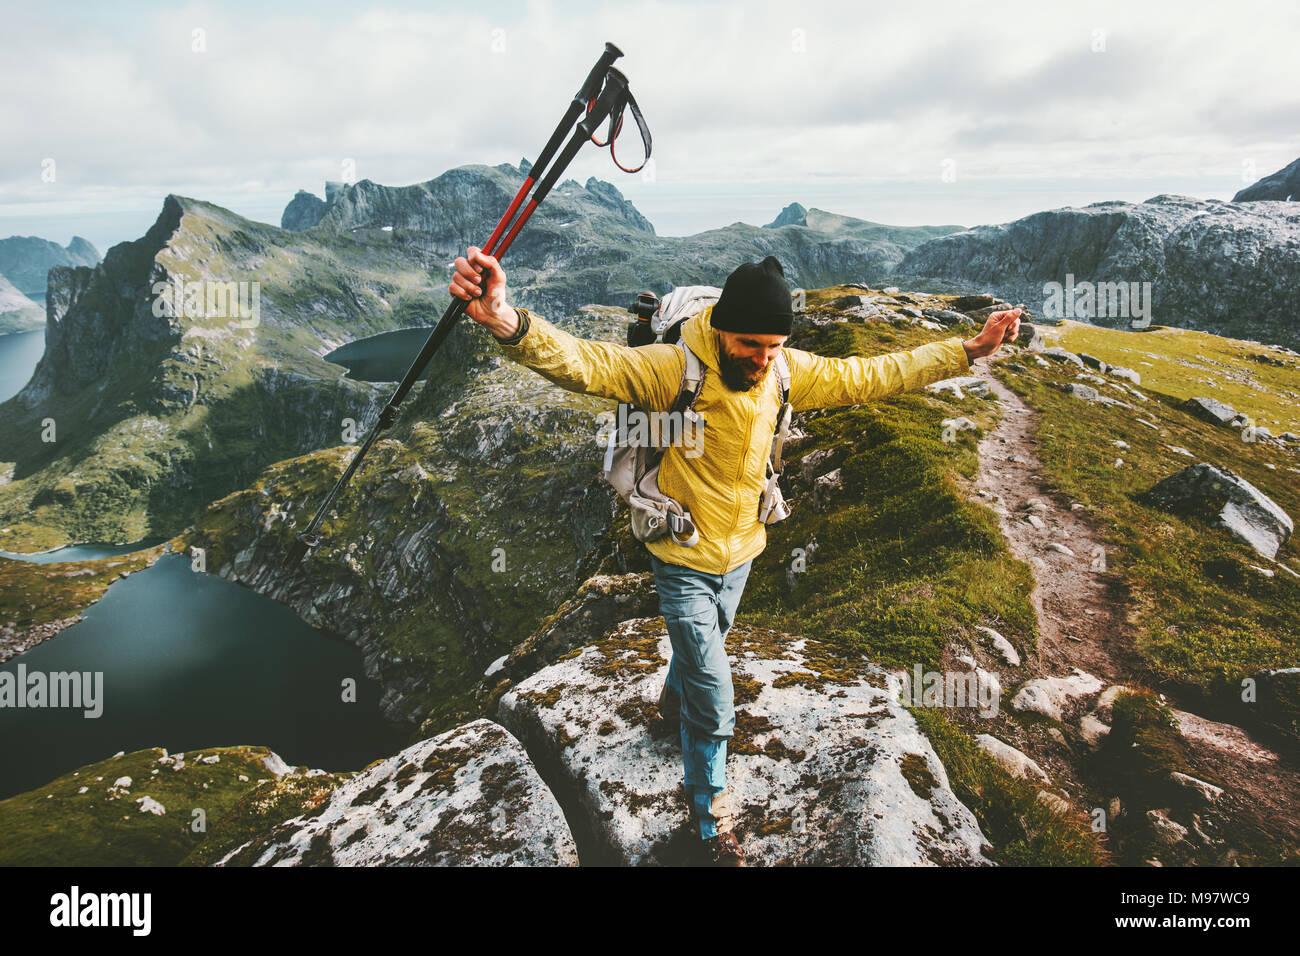 Mann Abenteurer Trail in Bergen Norwegen Reisen lifestyle Abenteuer Erfolg Sieger Konzept Wandern Sommer aktiv Urlaub im Freien laufende Stockbild